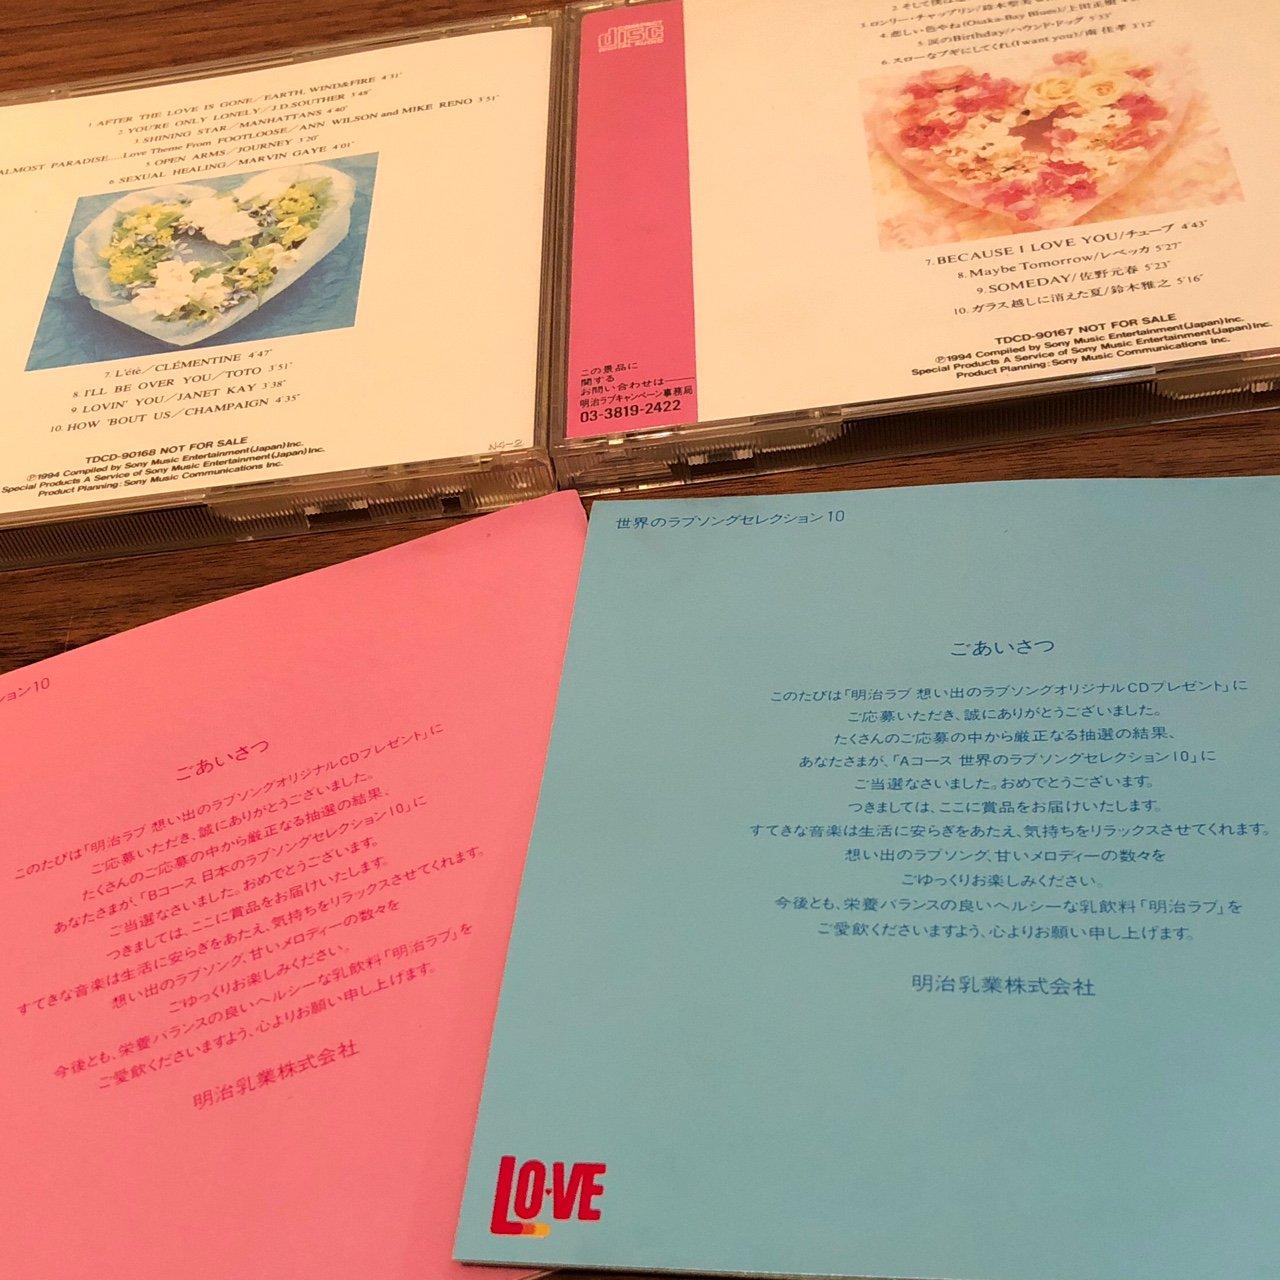 「明治ラブ 想い出のラブソングオリジナルCDプレゼント」でもらったCD2枚。 「Aコース 世界のラブソングセレクション10」 「Bコース 日本のラブソングセレクション10」 https://t.co/M1M2ndvjds